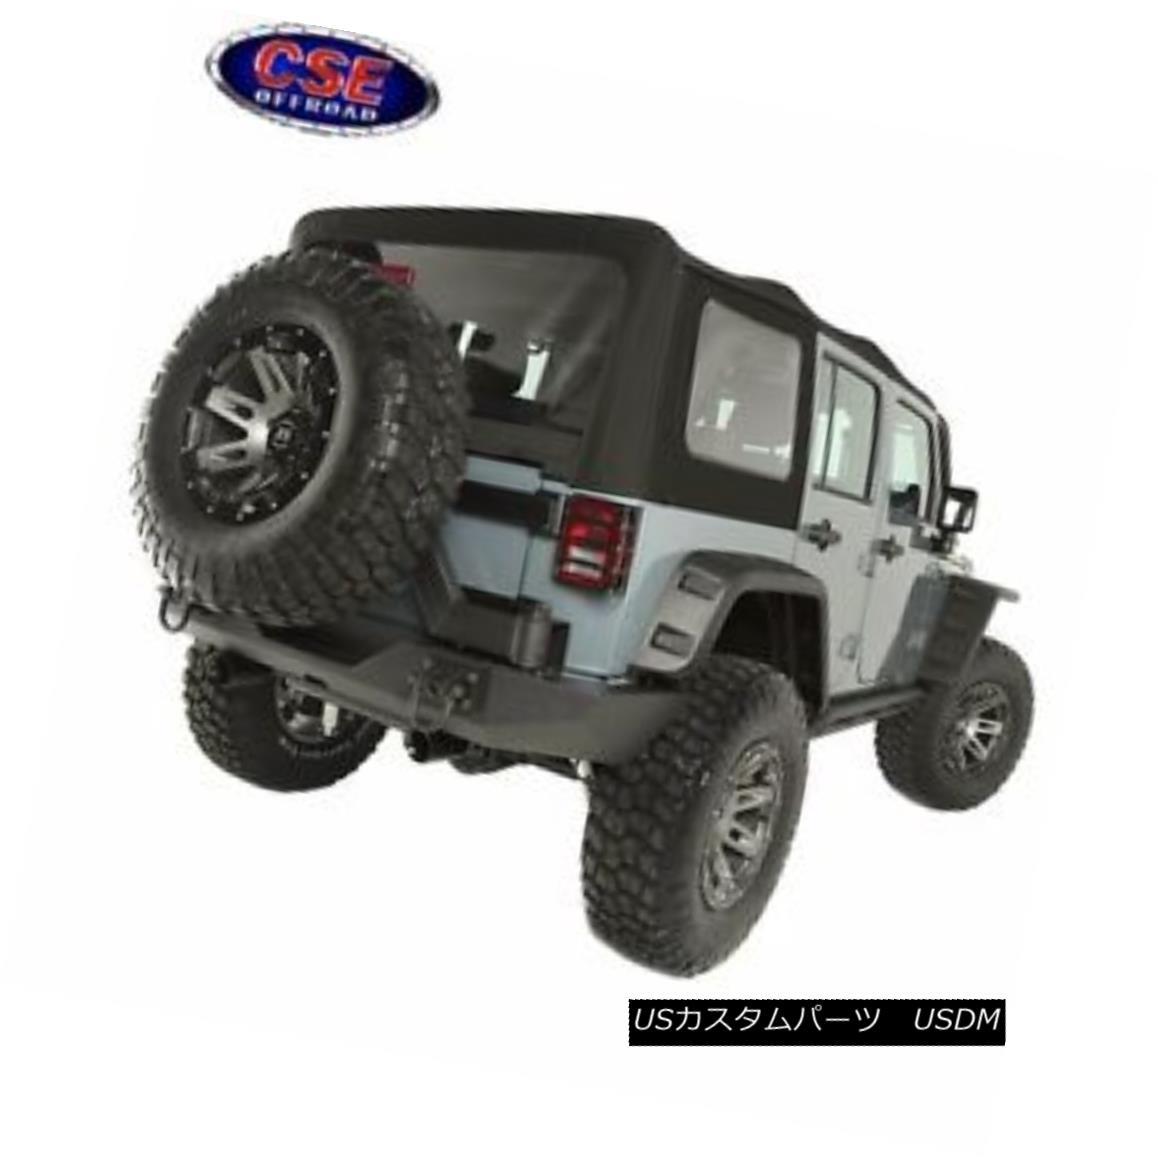 幌・ソフトトップ Sailcloth Soft Top Black Diamond Jeep 4 Door Wrangler JK 10-16 13742.01 セーラークロスソフトトップブラックダイヤモンドジープ4ドアラングラーJK 10-16 13742.01